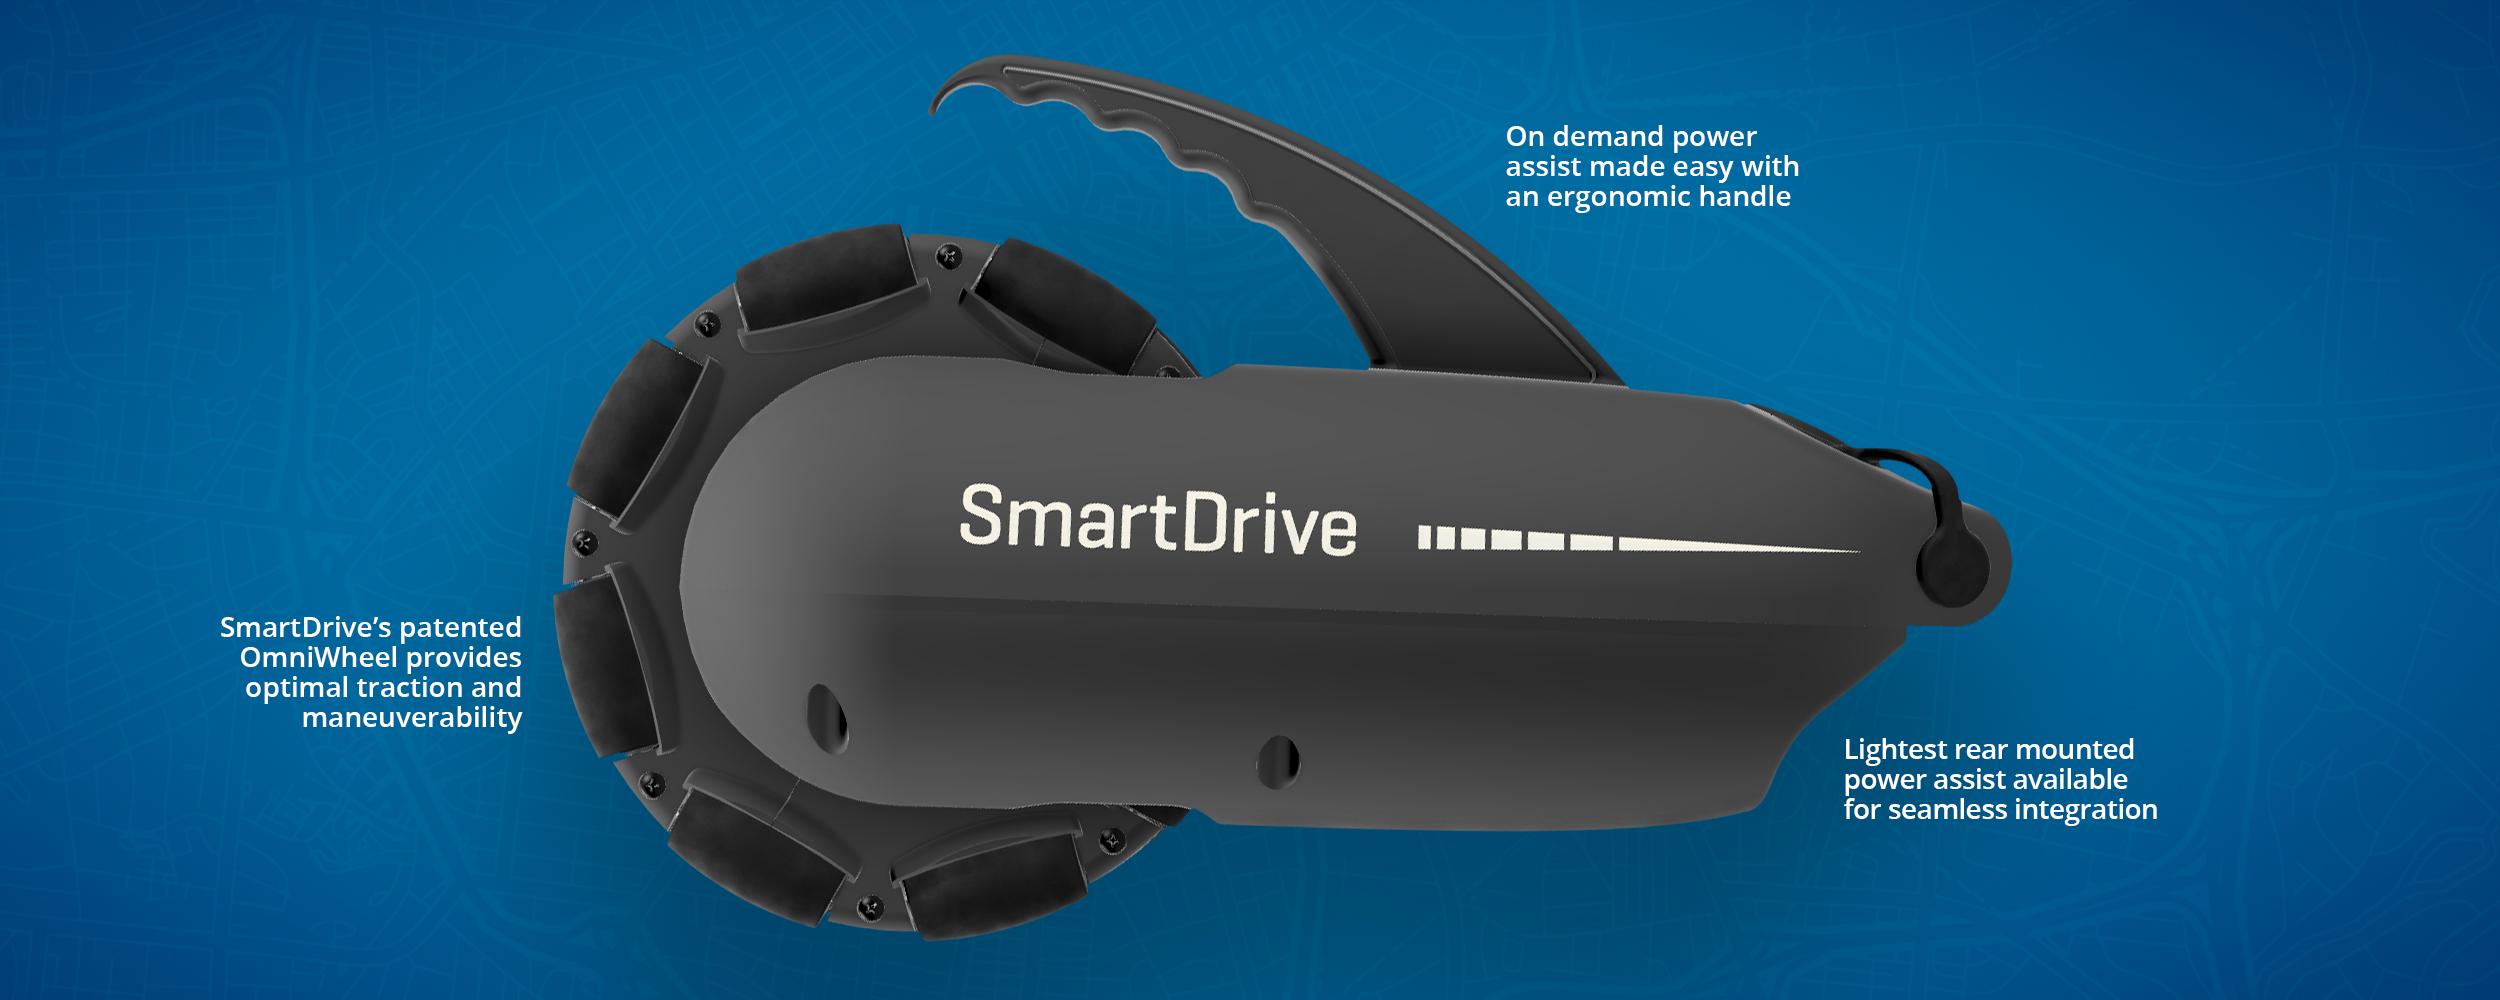 smartdrive-2500x1000.jpg